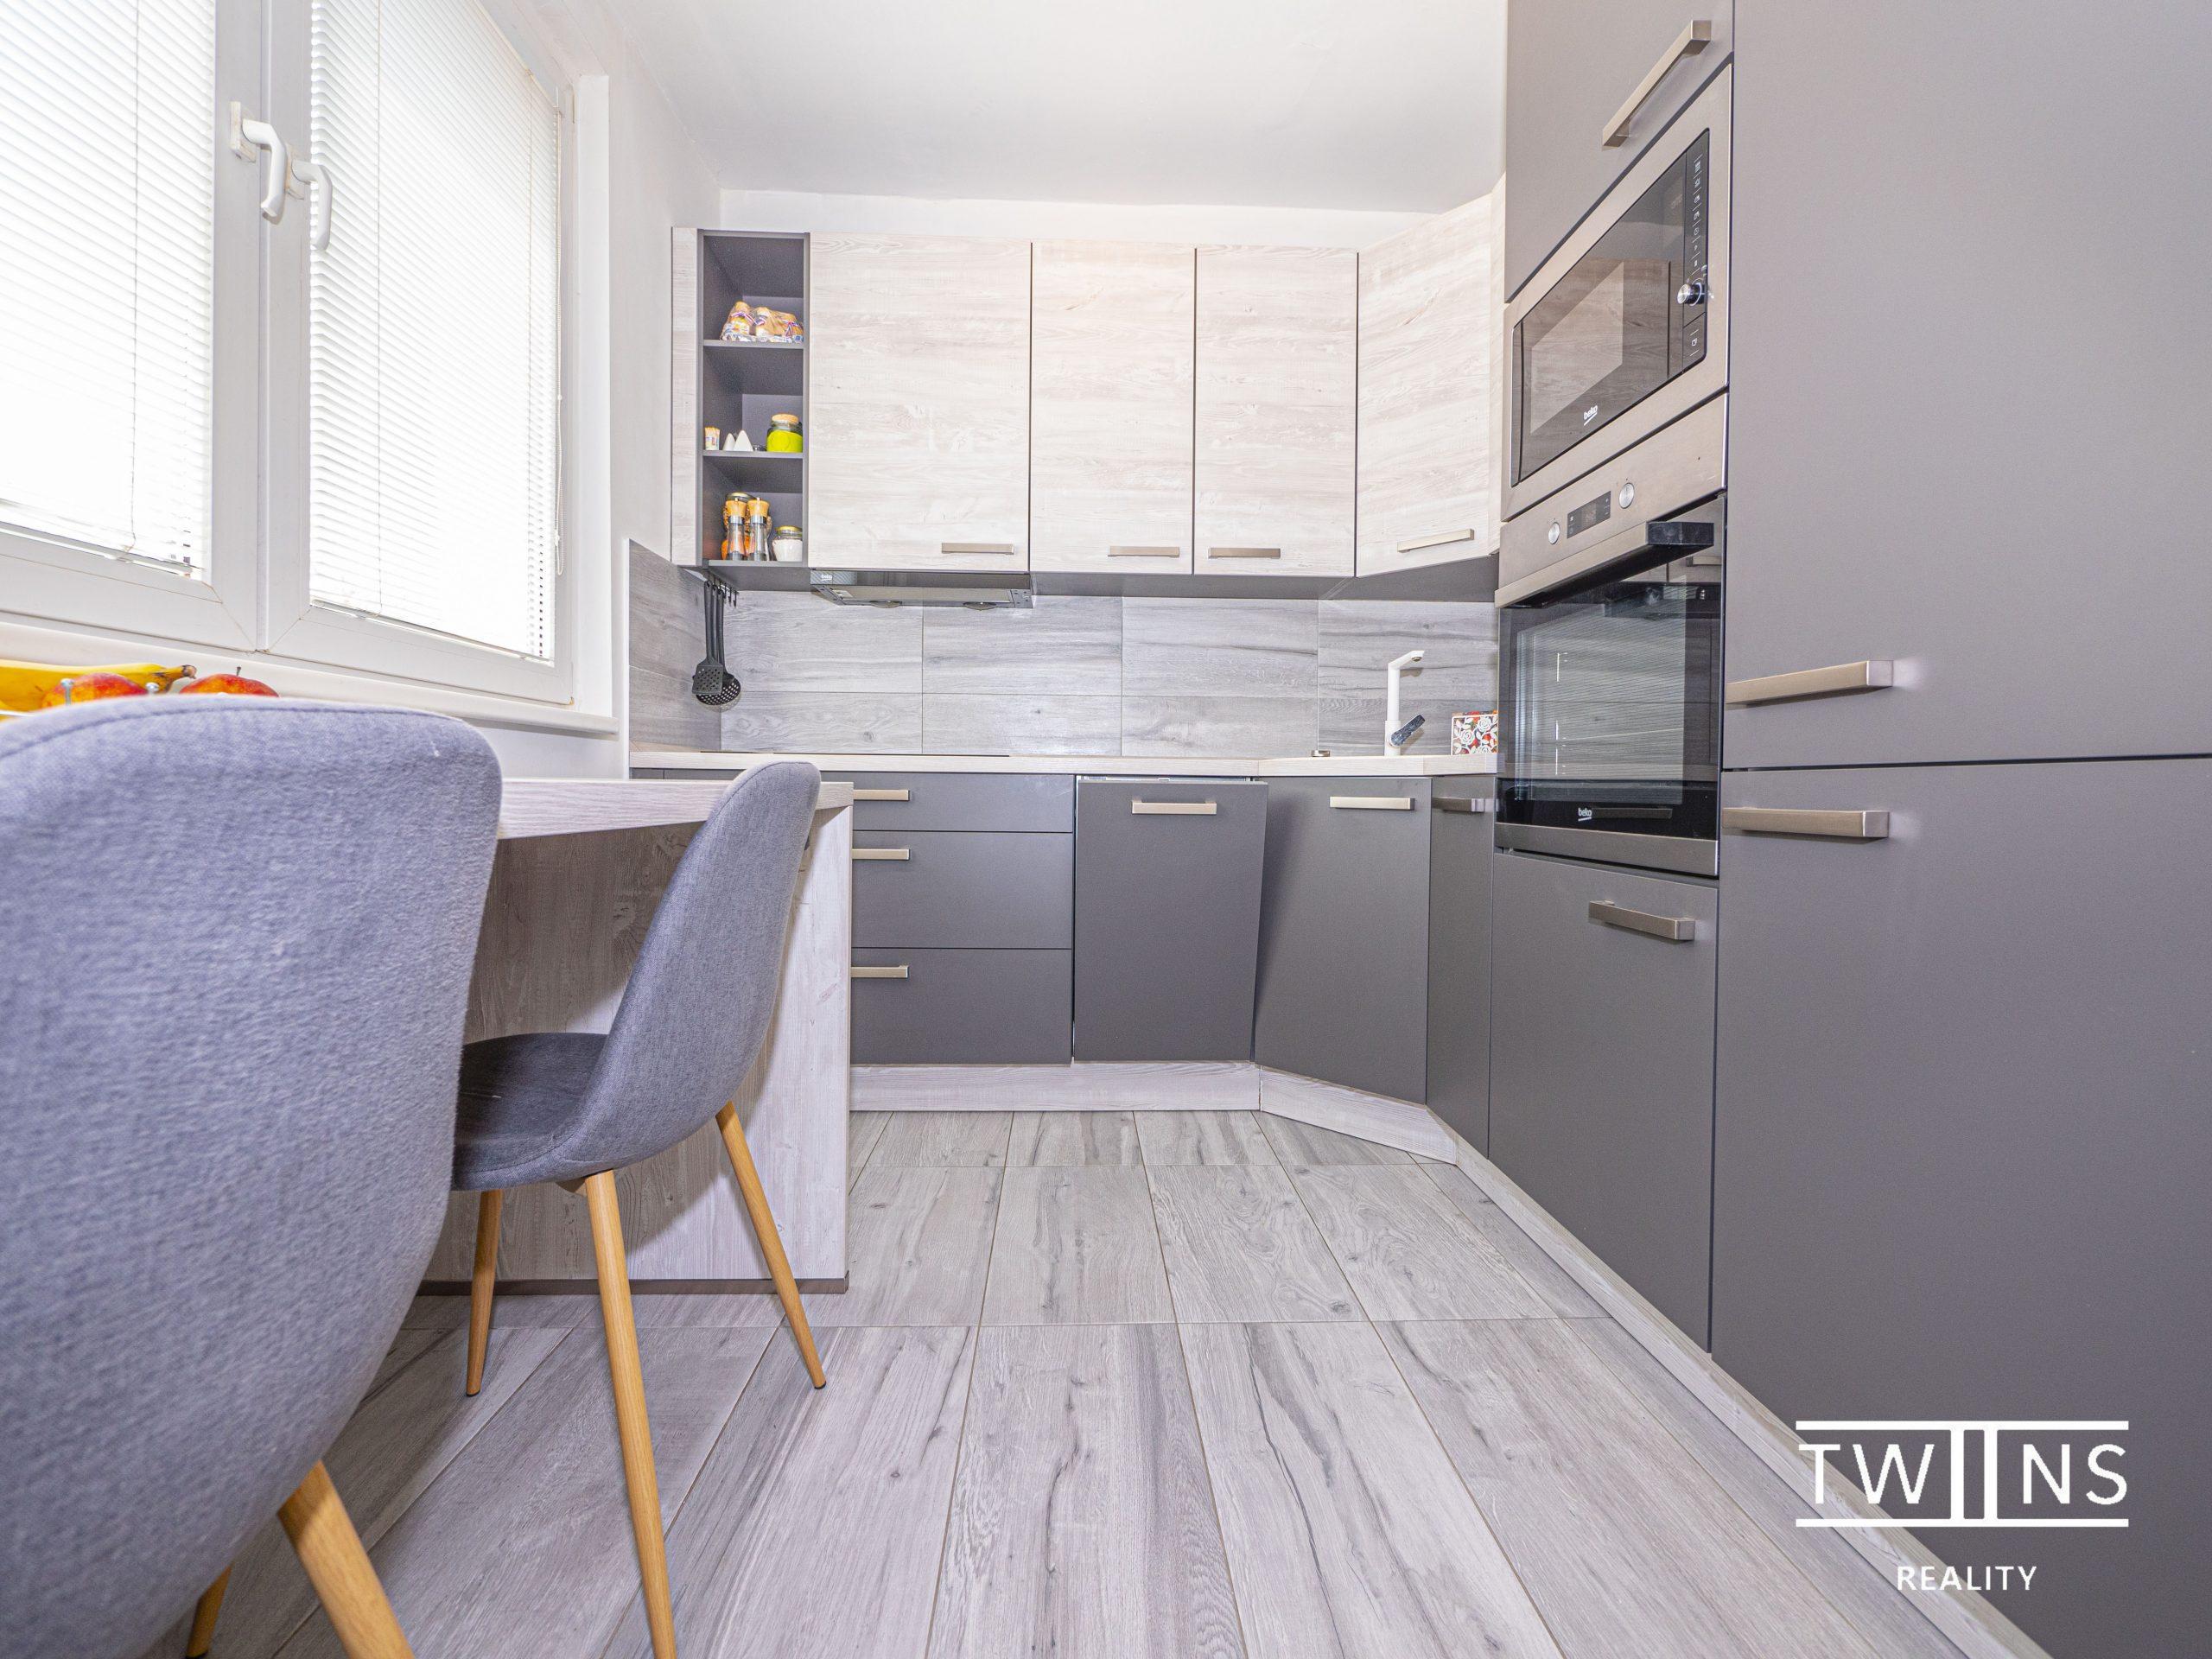 Nedostupné ! Predáme Slnečný ☀ kompletne prerobený 2 izbový byt s nepriechodnými izbami v mestkej časti Rača